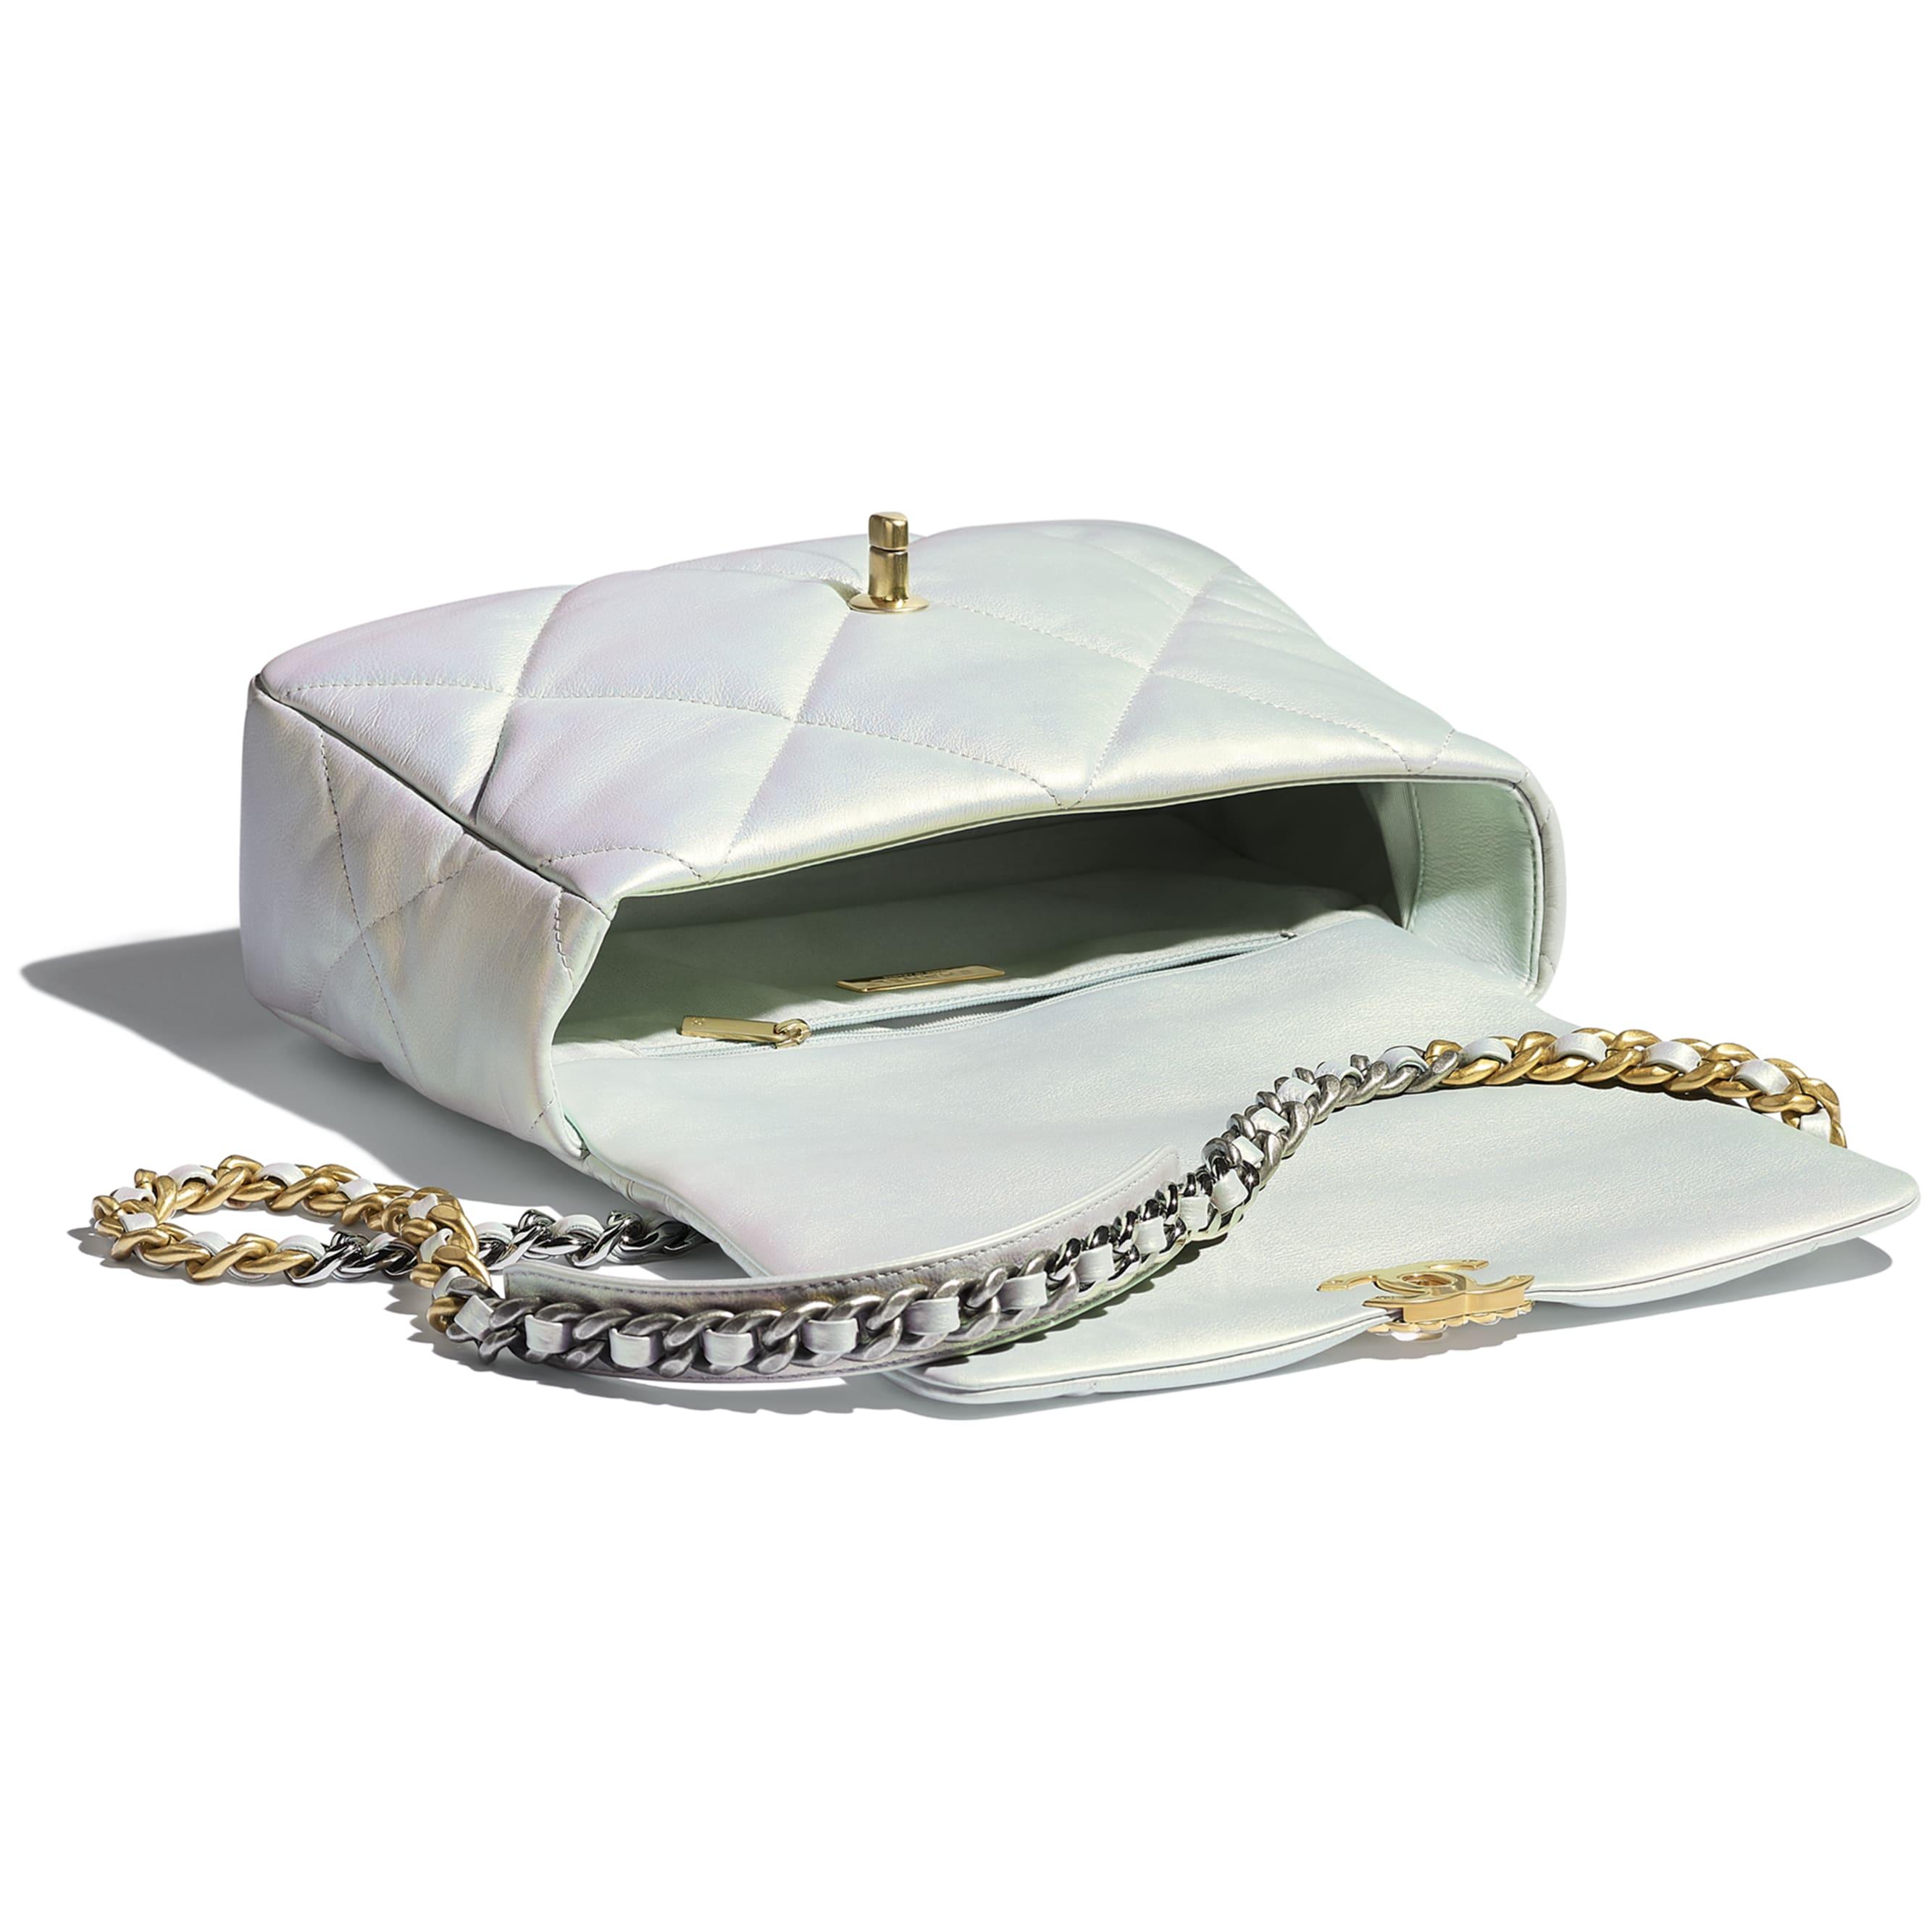 Grand sac à rabat CHANEL 19 - Blanc - Veau irisé, métal doré, argenté & finition ruthénium - CHANEL - Autre vue - voir la version taille standard